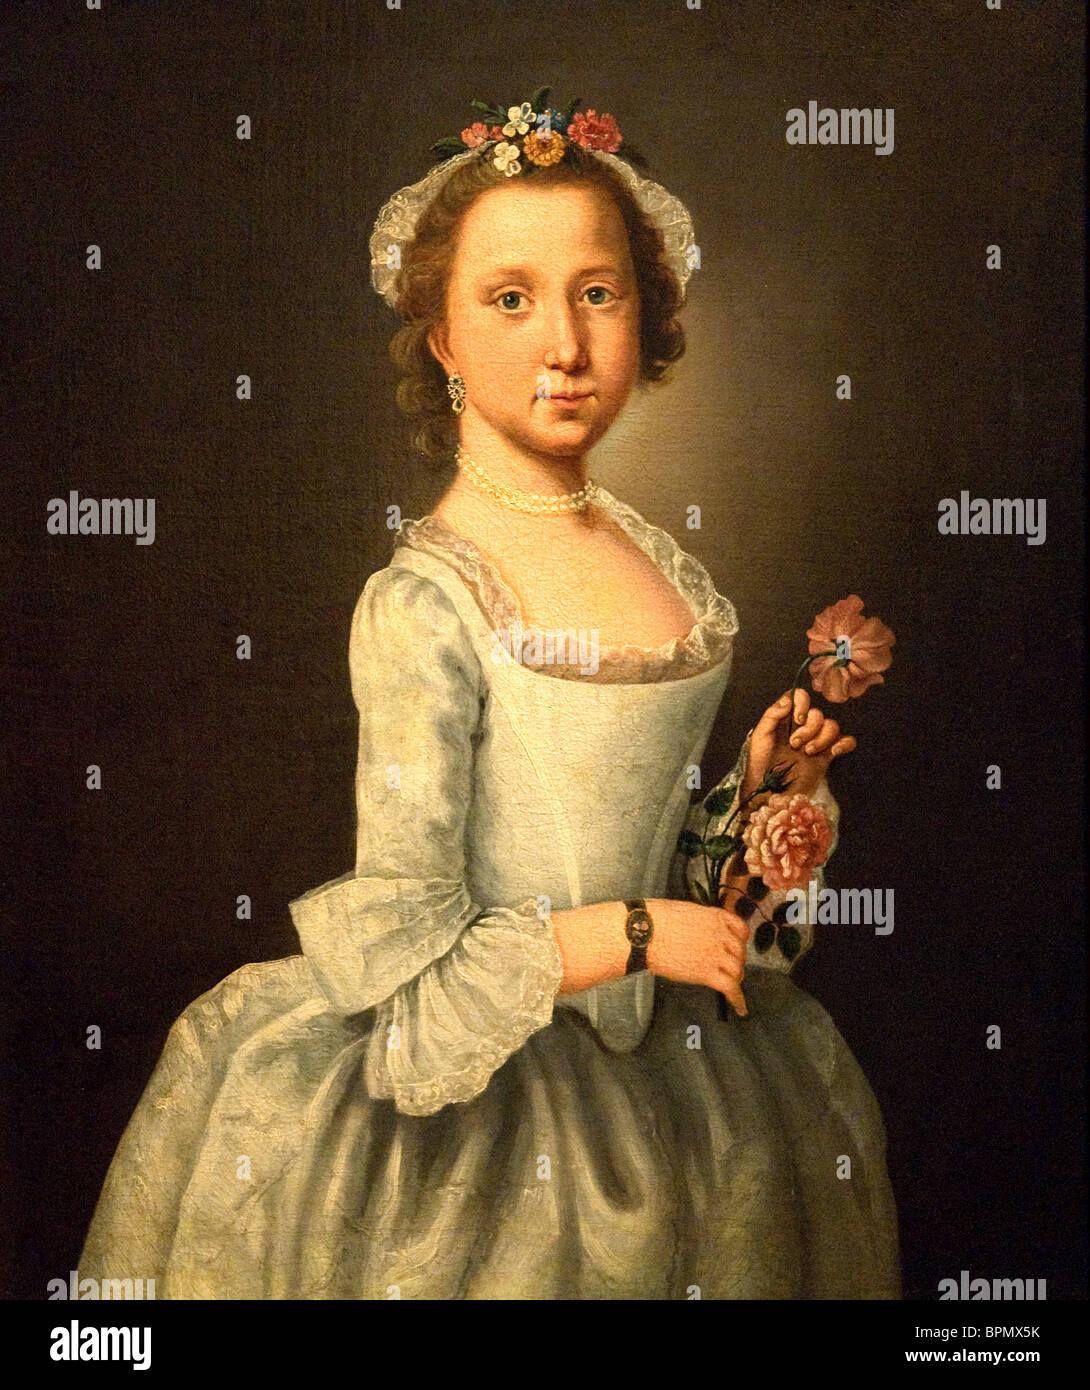 Ritratto di una dama, 1764 da Lawrence Kilburn (o Kilbrunn) Immagini Stock